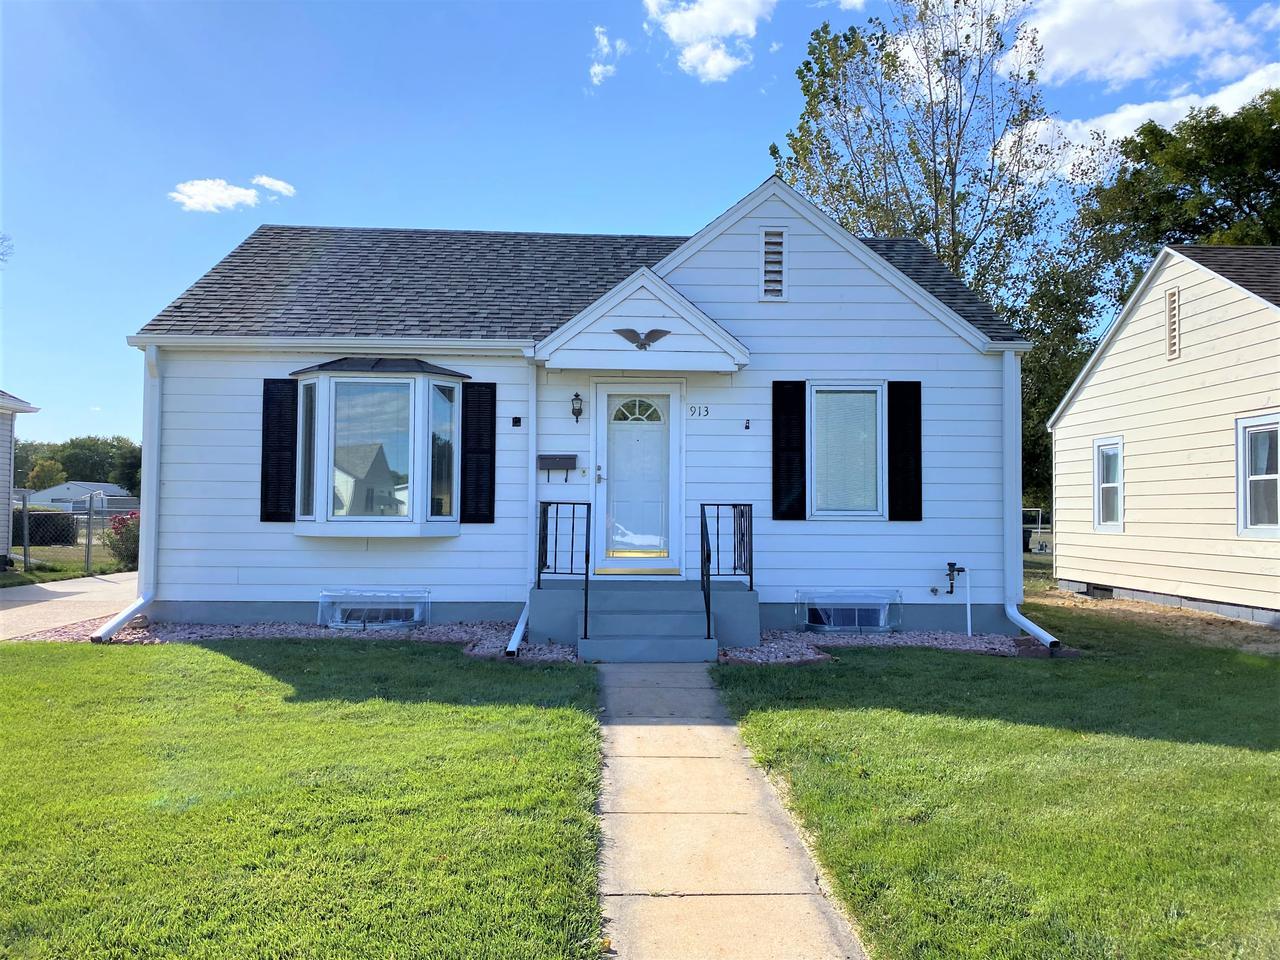 913 Morton St. Holdrege, NE 68949